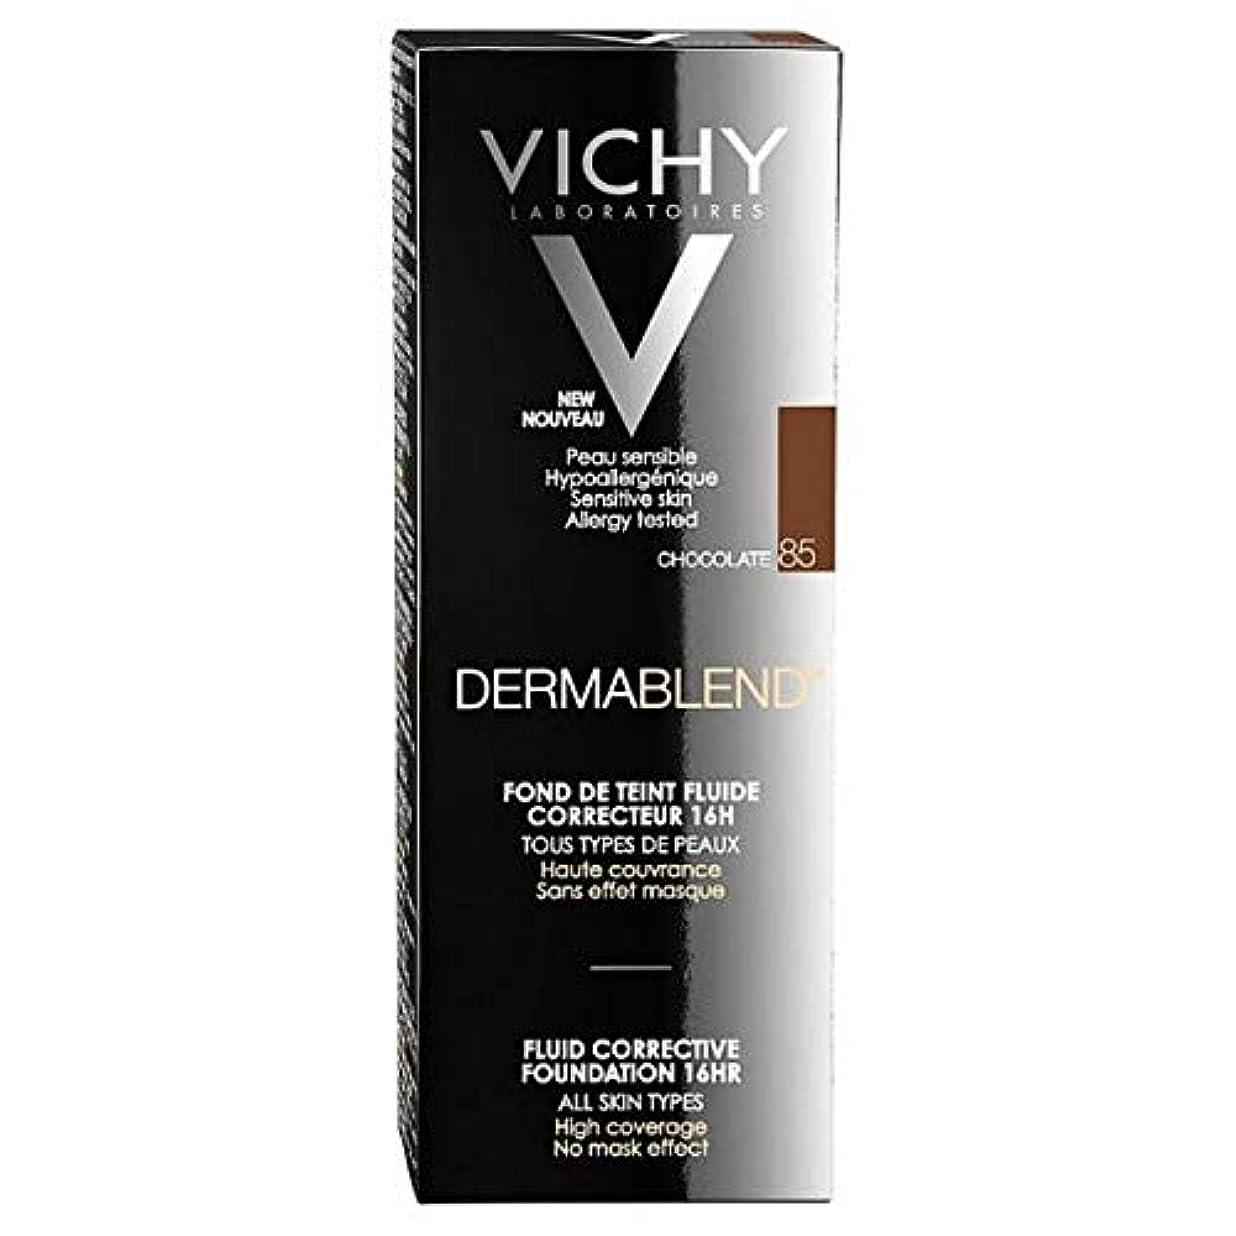 豊富観点平日[Vichy ] ヴィシーDermablend流体是正基盤85 30ミリリットル - Vichy Dermablend Fluid Corrective Foundation 85 30ml [並行輸入品]